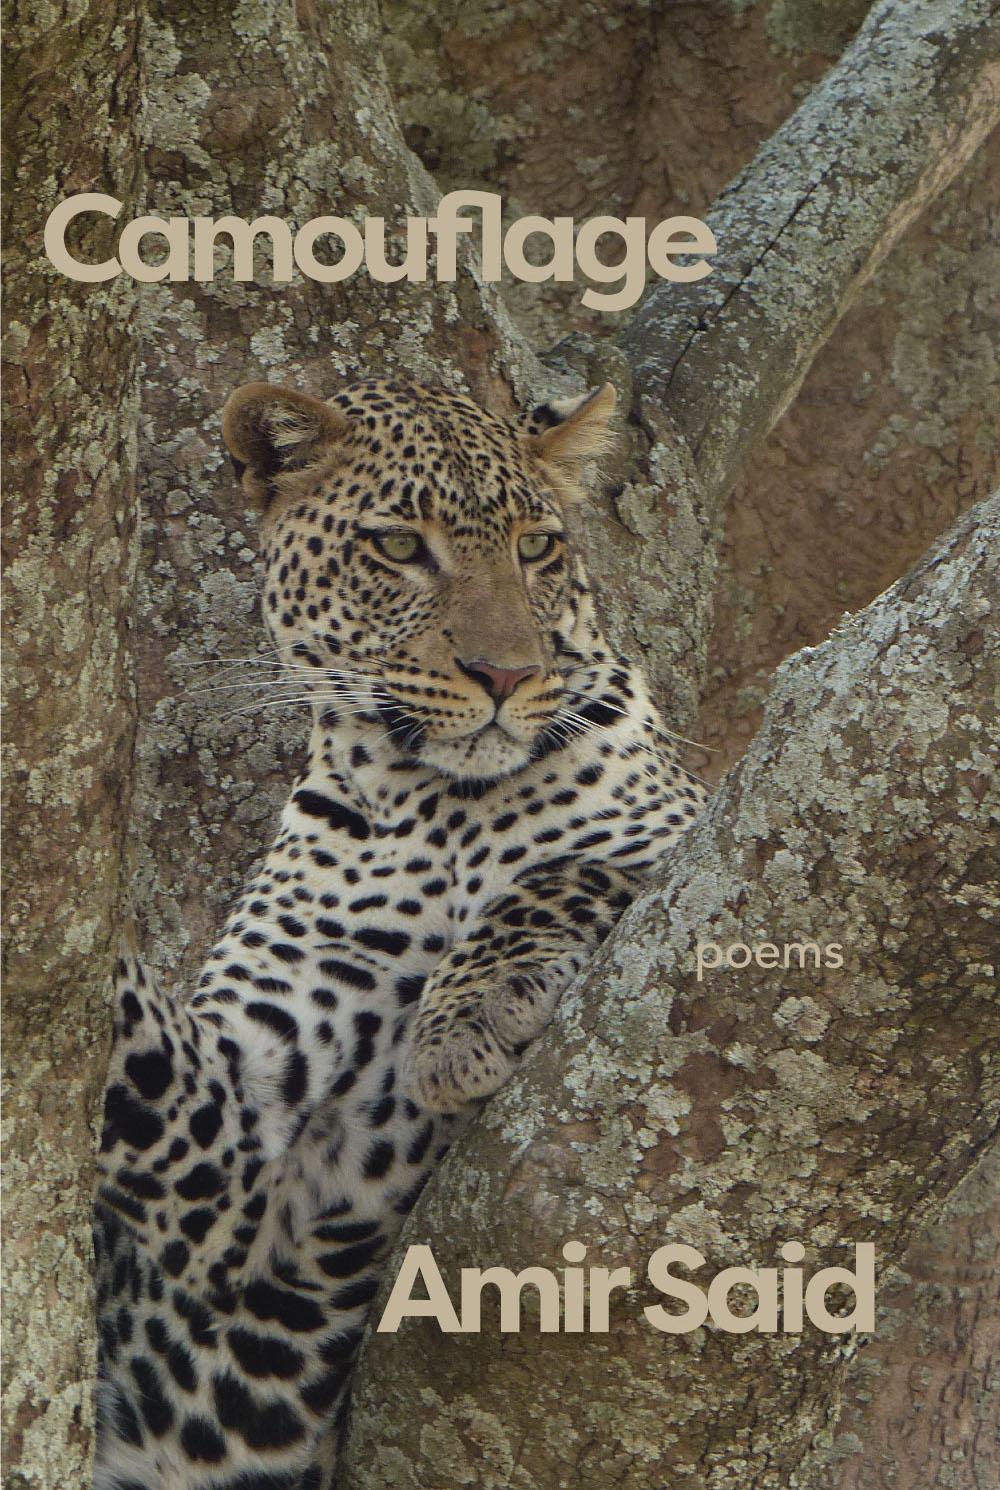 Camouflage_SB_thumb.jpg